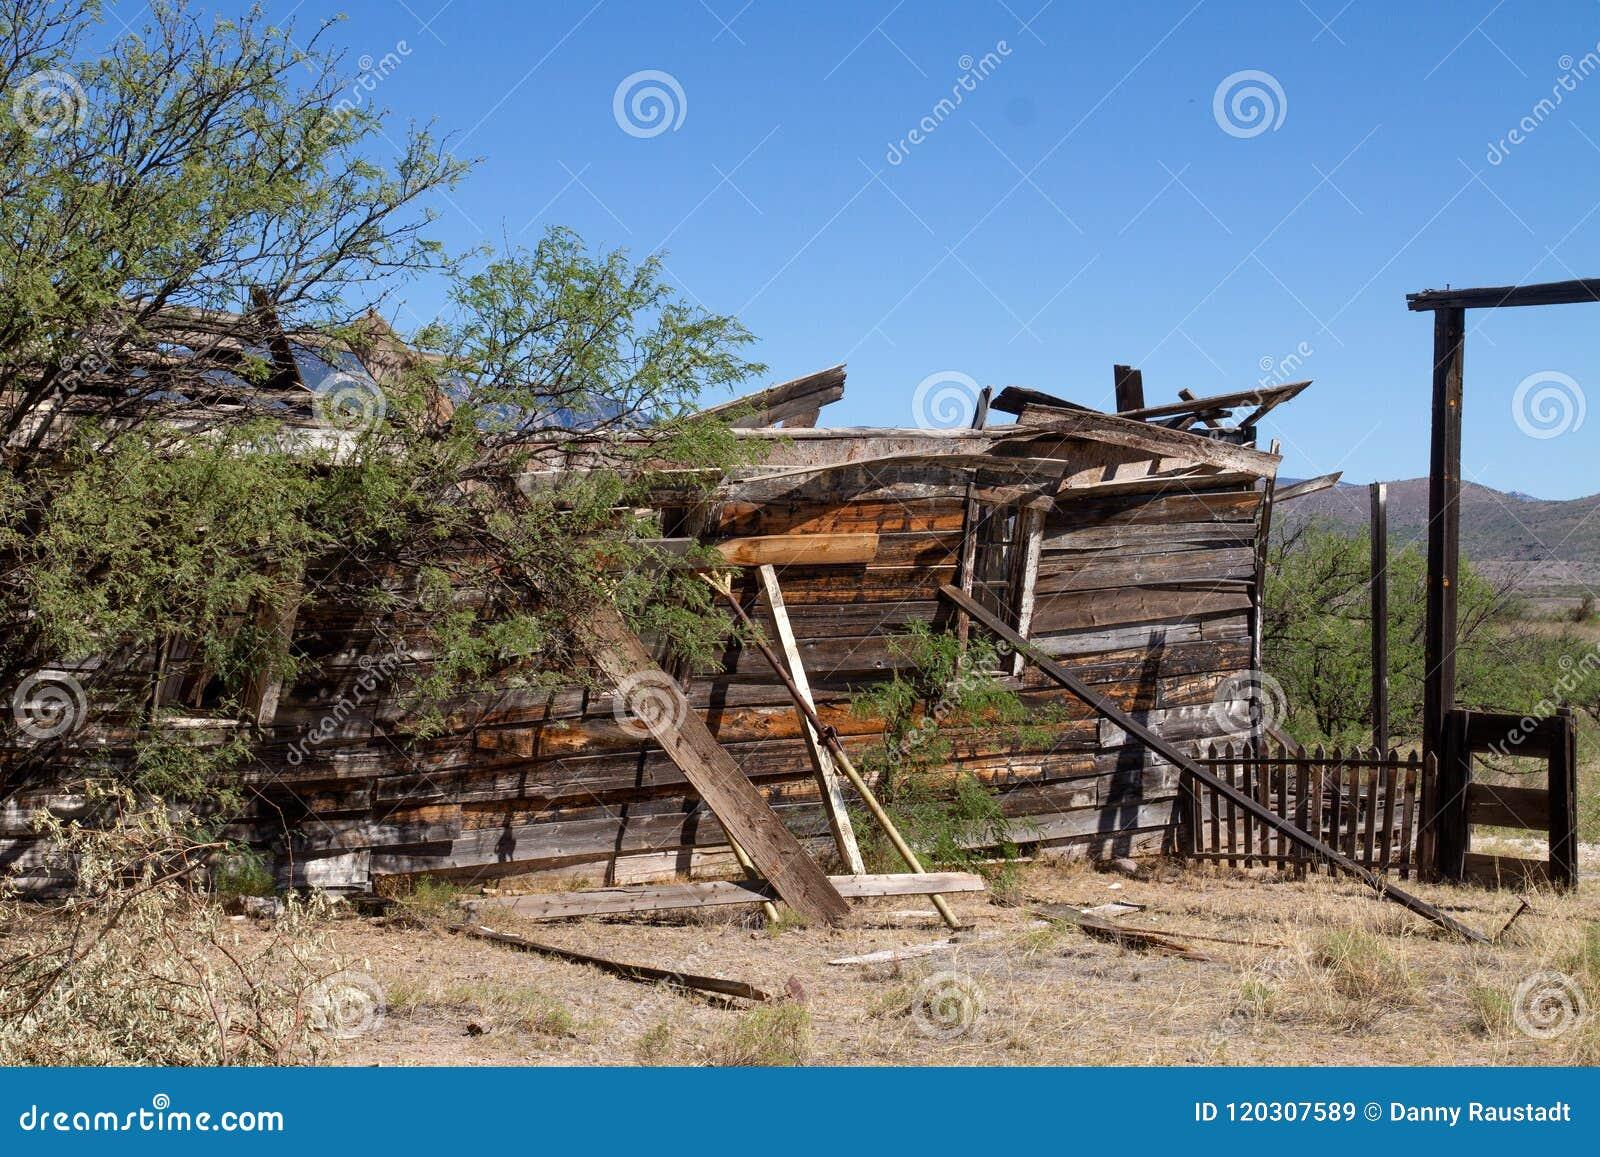 Vieux décor de film occidental sauvage dans le peyotl, Arizona